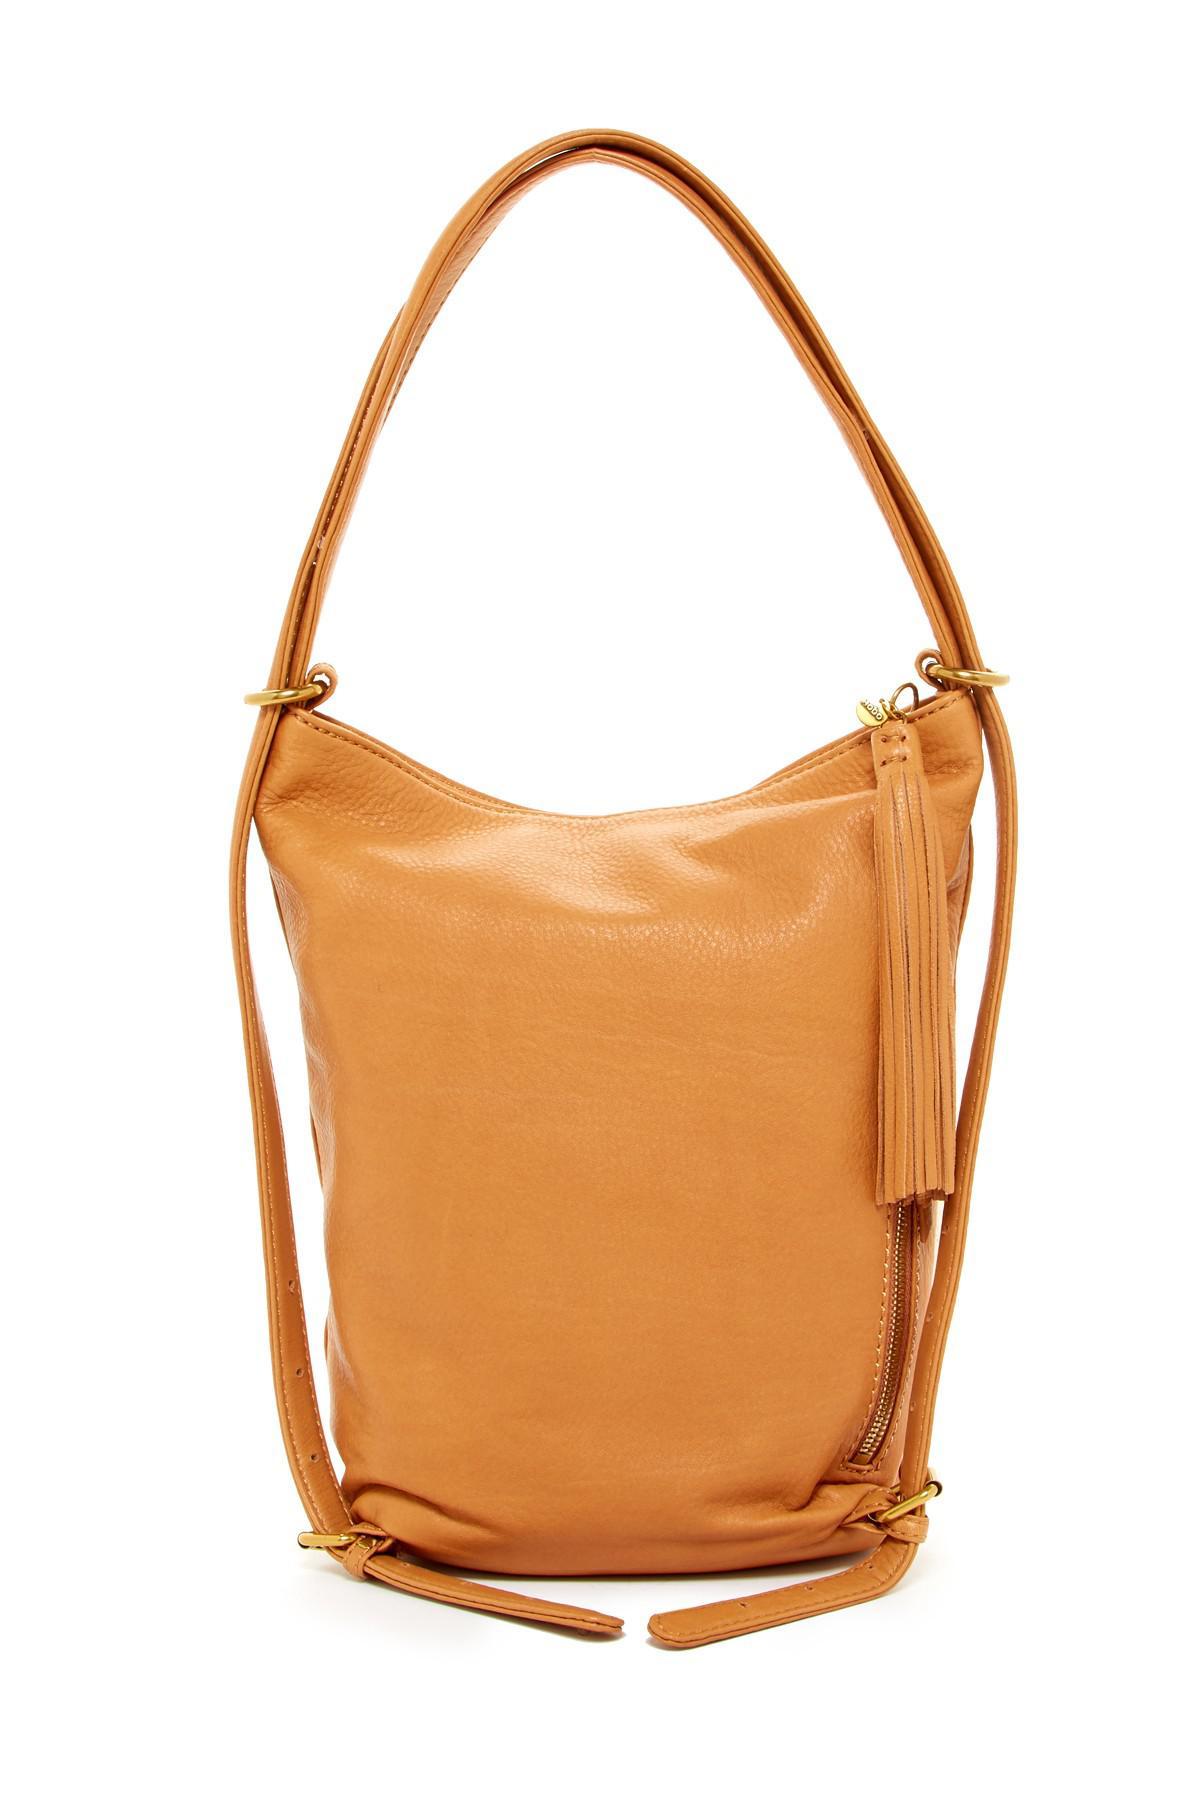 73a6449496e3 Lyst - Hobo Blaze Leather Backpack shoulder Bag